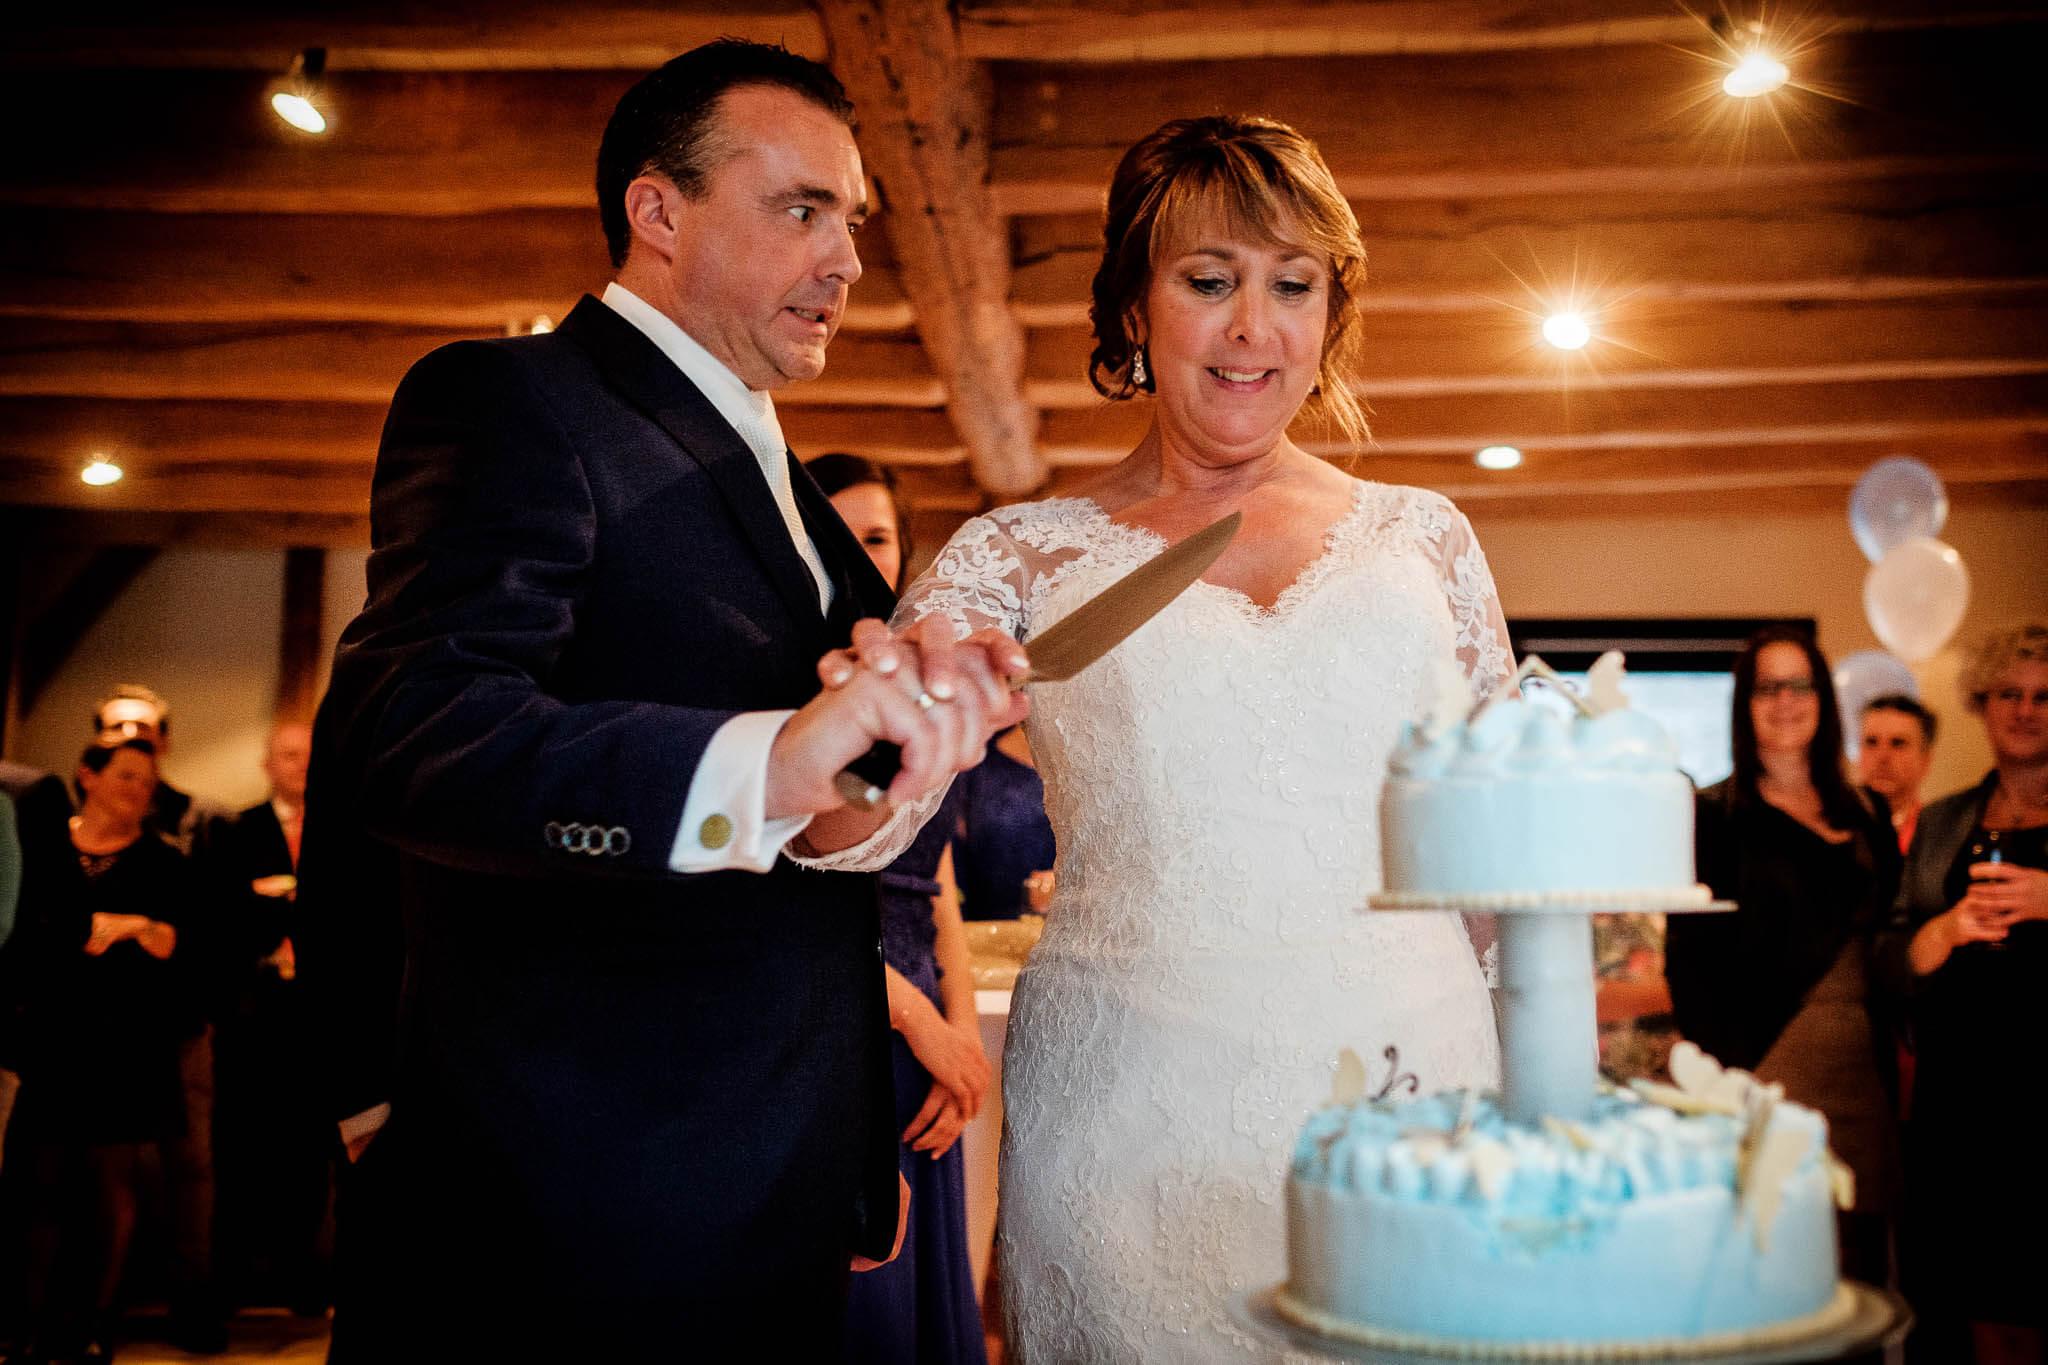 bruidstaart aansnijden bruidspaar ijstaart